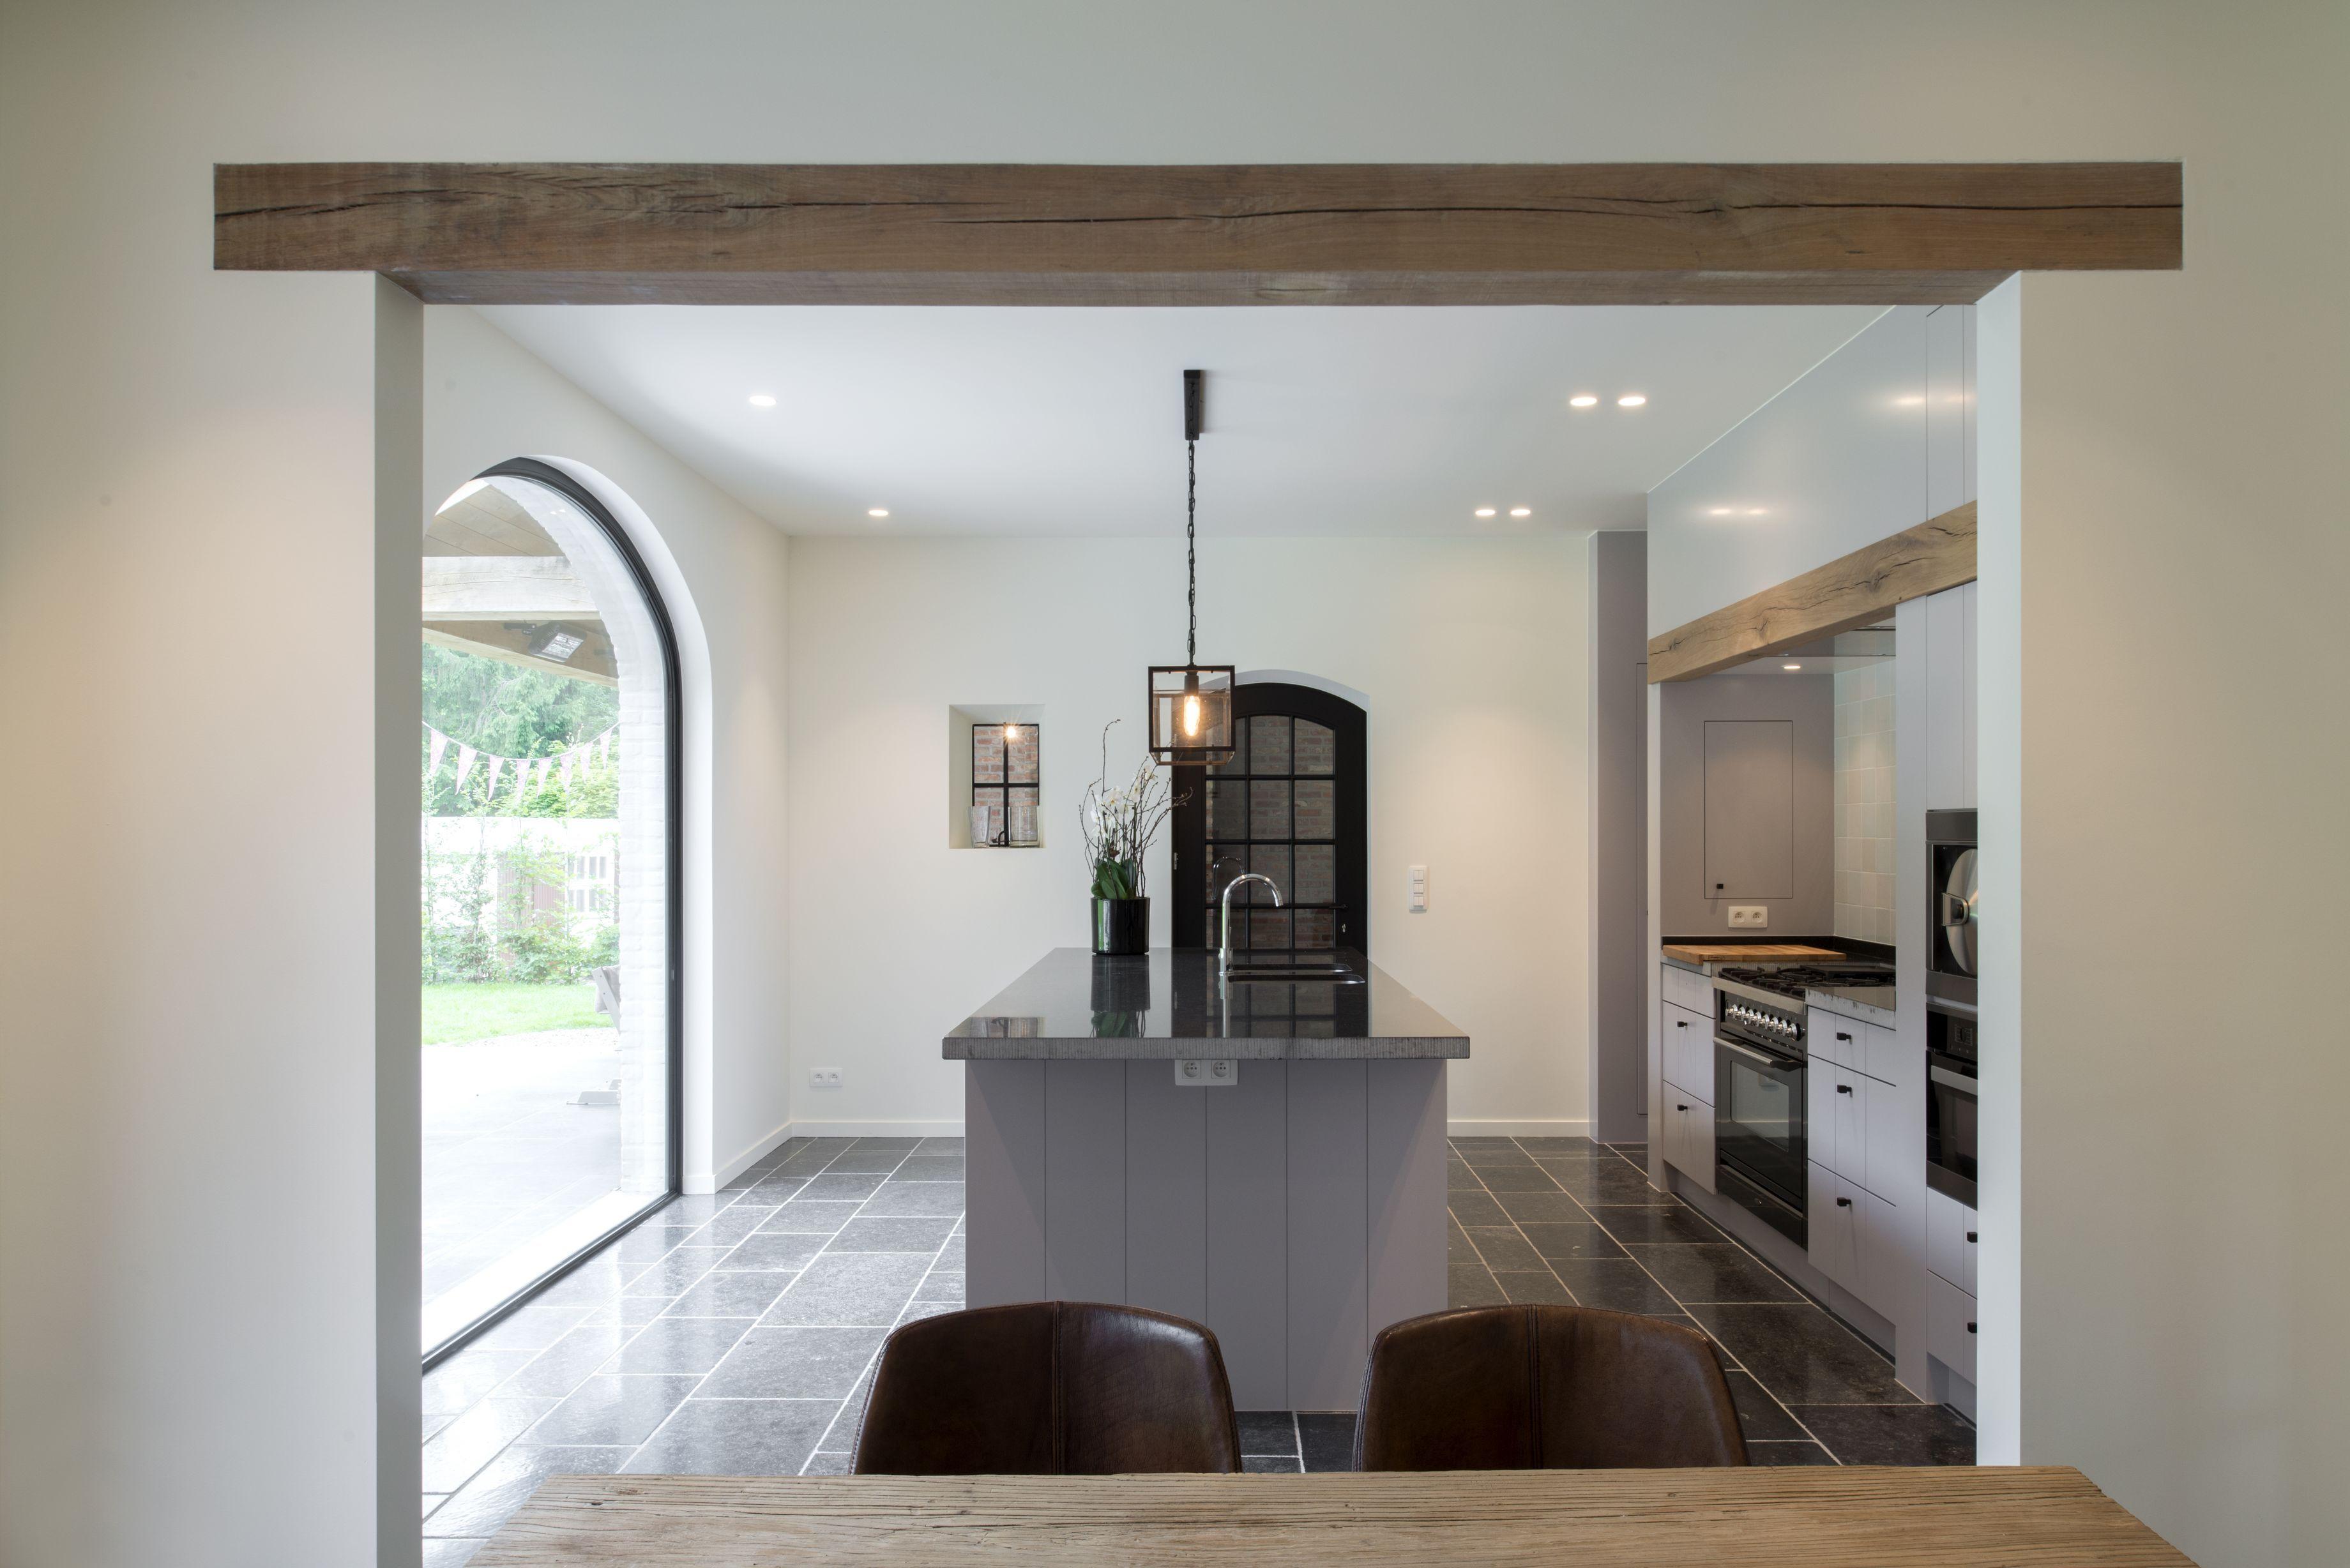 Magnus villa s villabouw u renovatie u interieur huis ideeen